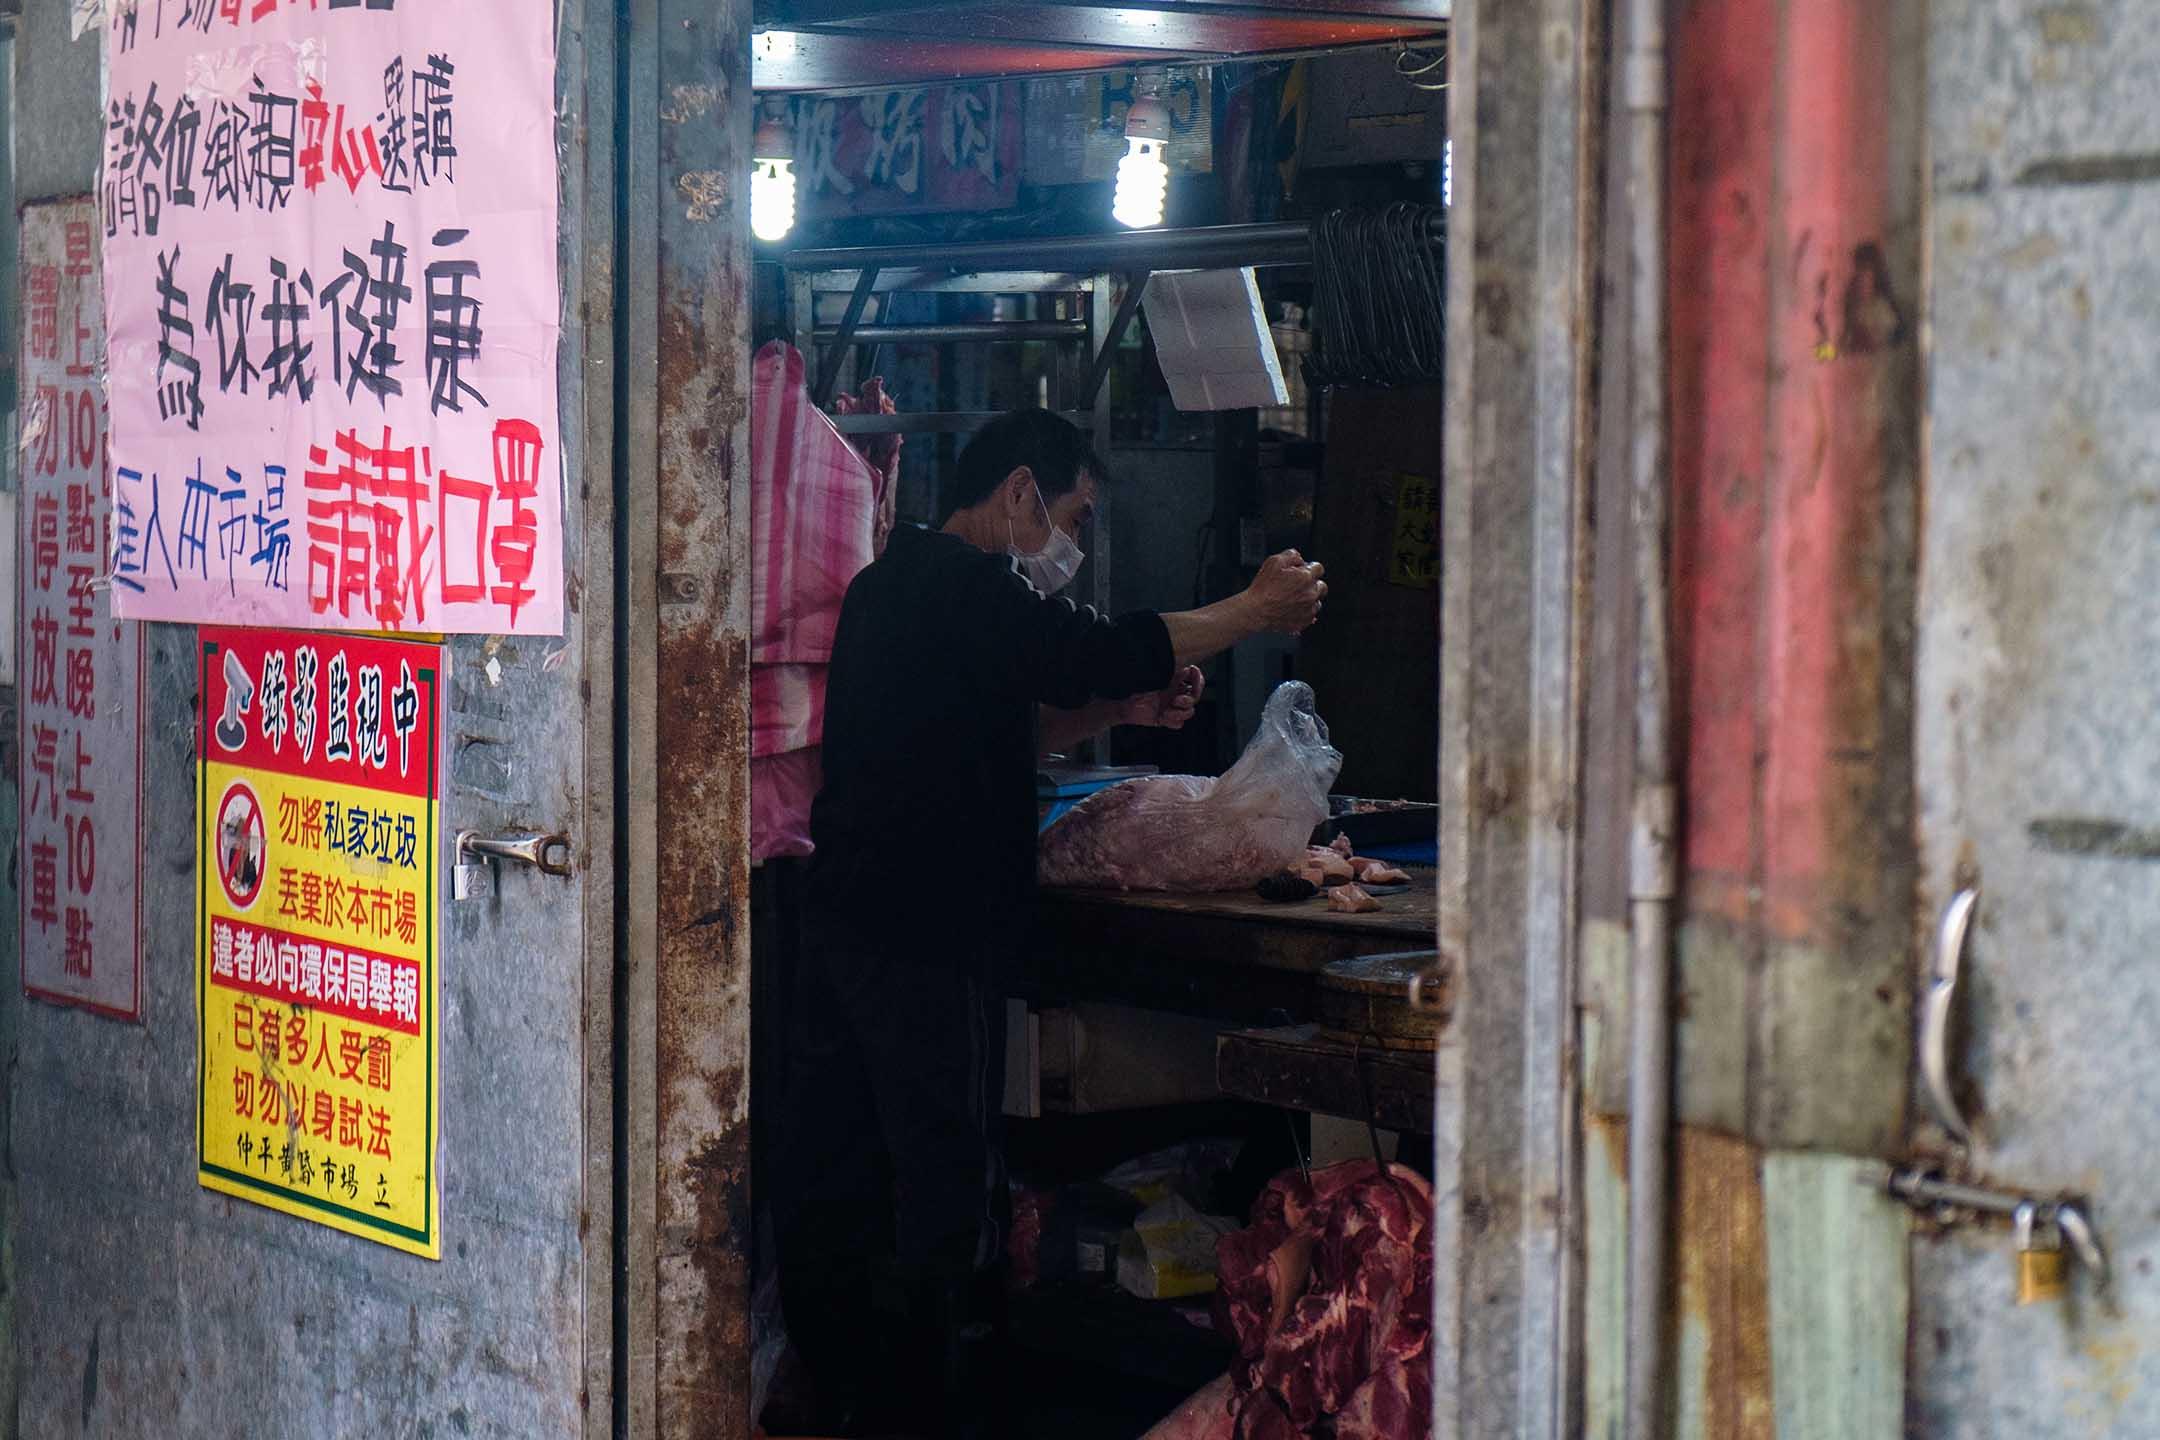 2021年1月26日台灣桃園,一個市場上戴著口罩的人。